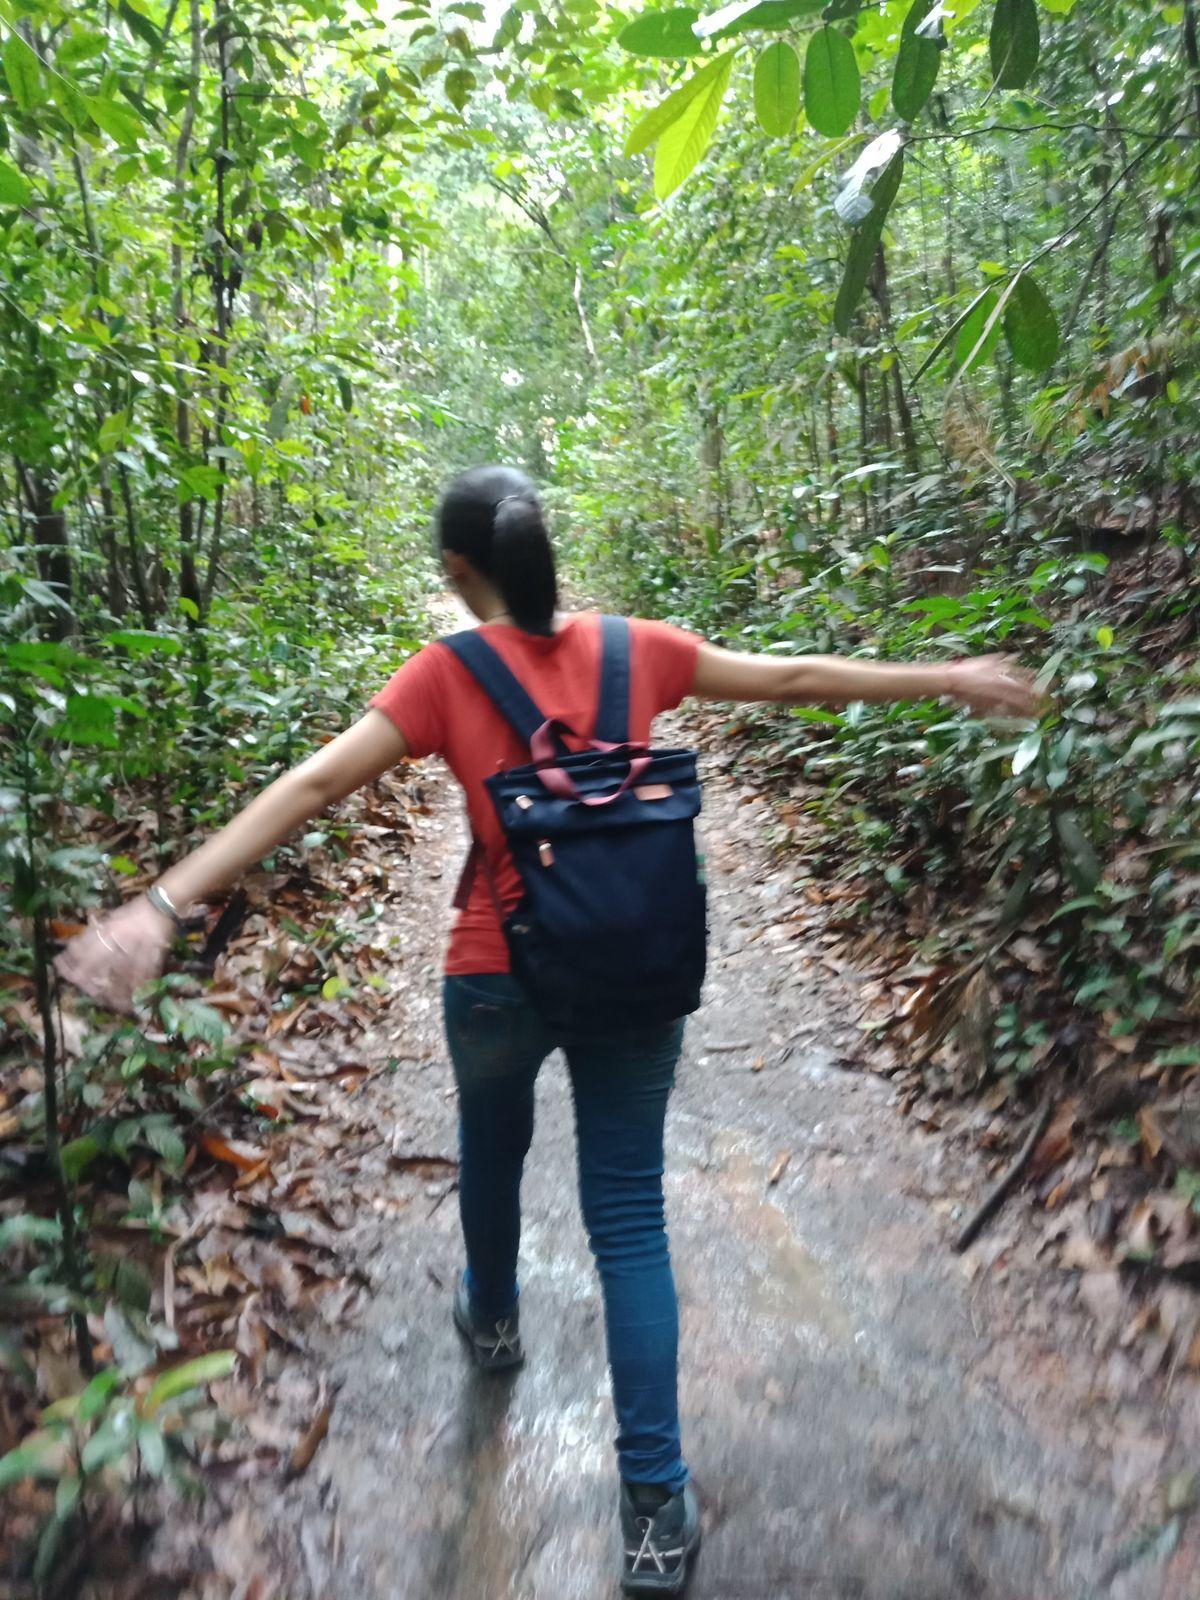 เพราะชีวิตชอบเที่ยวแอดเวนเจอร์ในธรรมชาติ